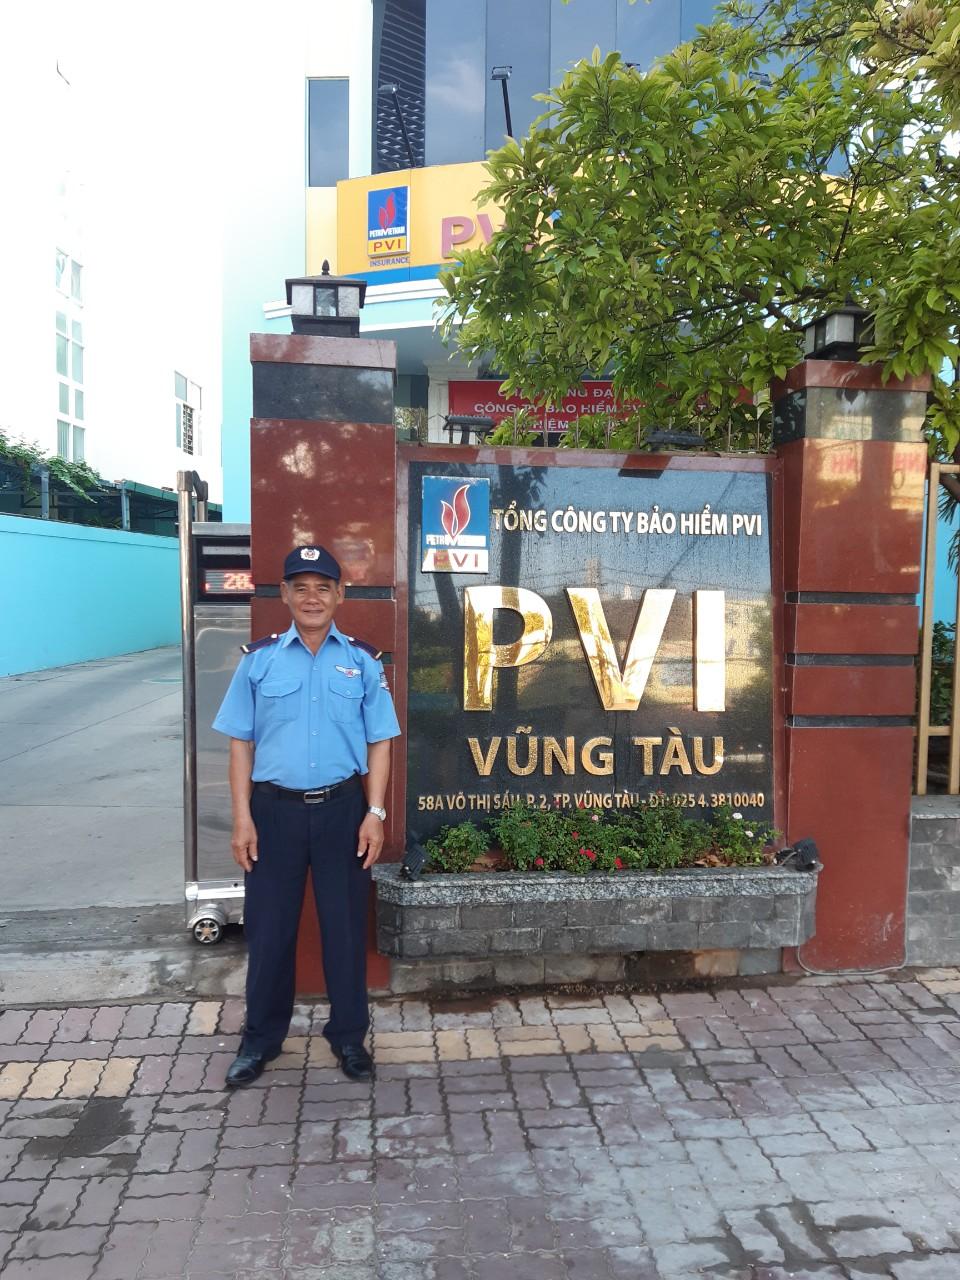 Bảo vệ Tập đoàn dầu khí PVI Vũng Tàu